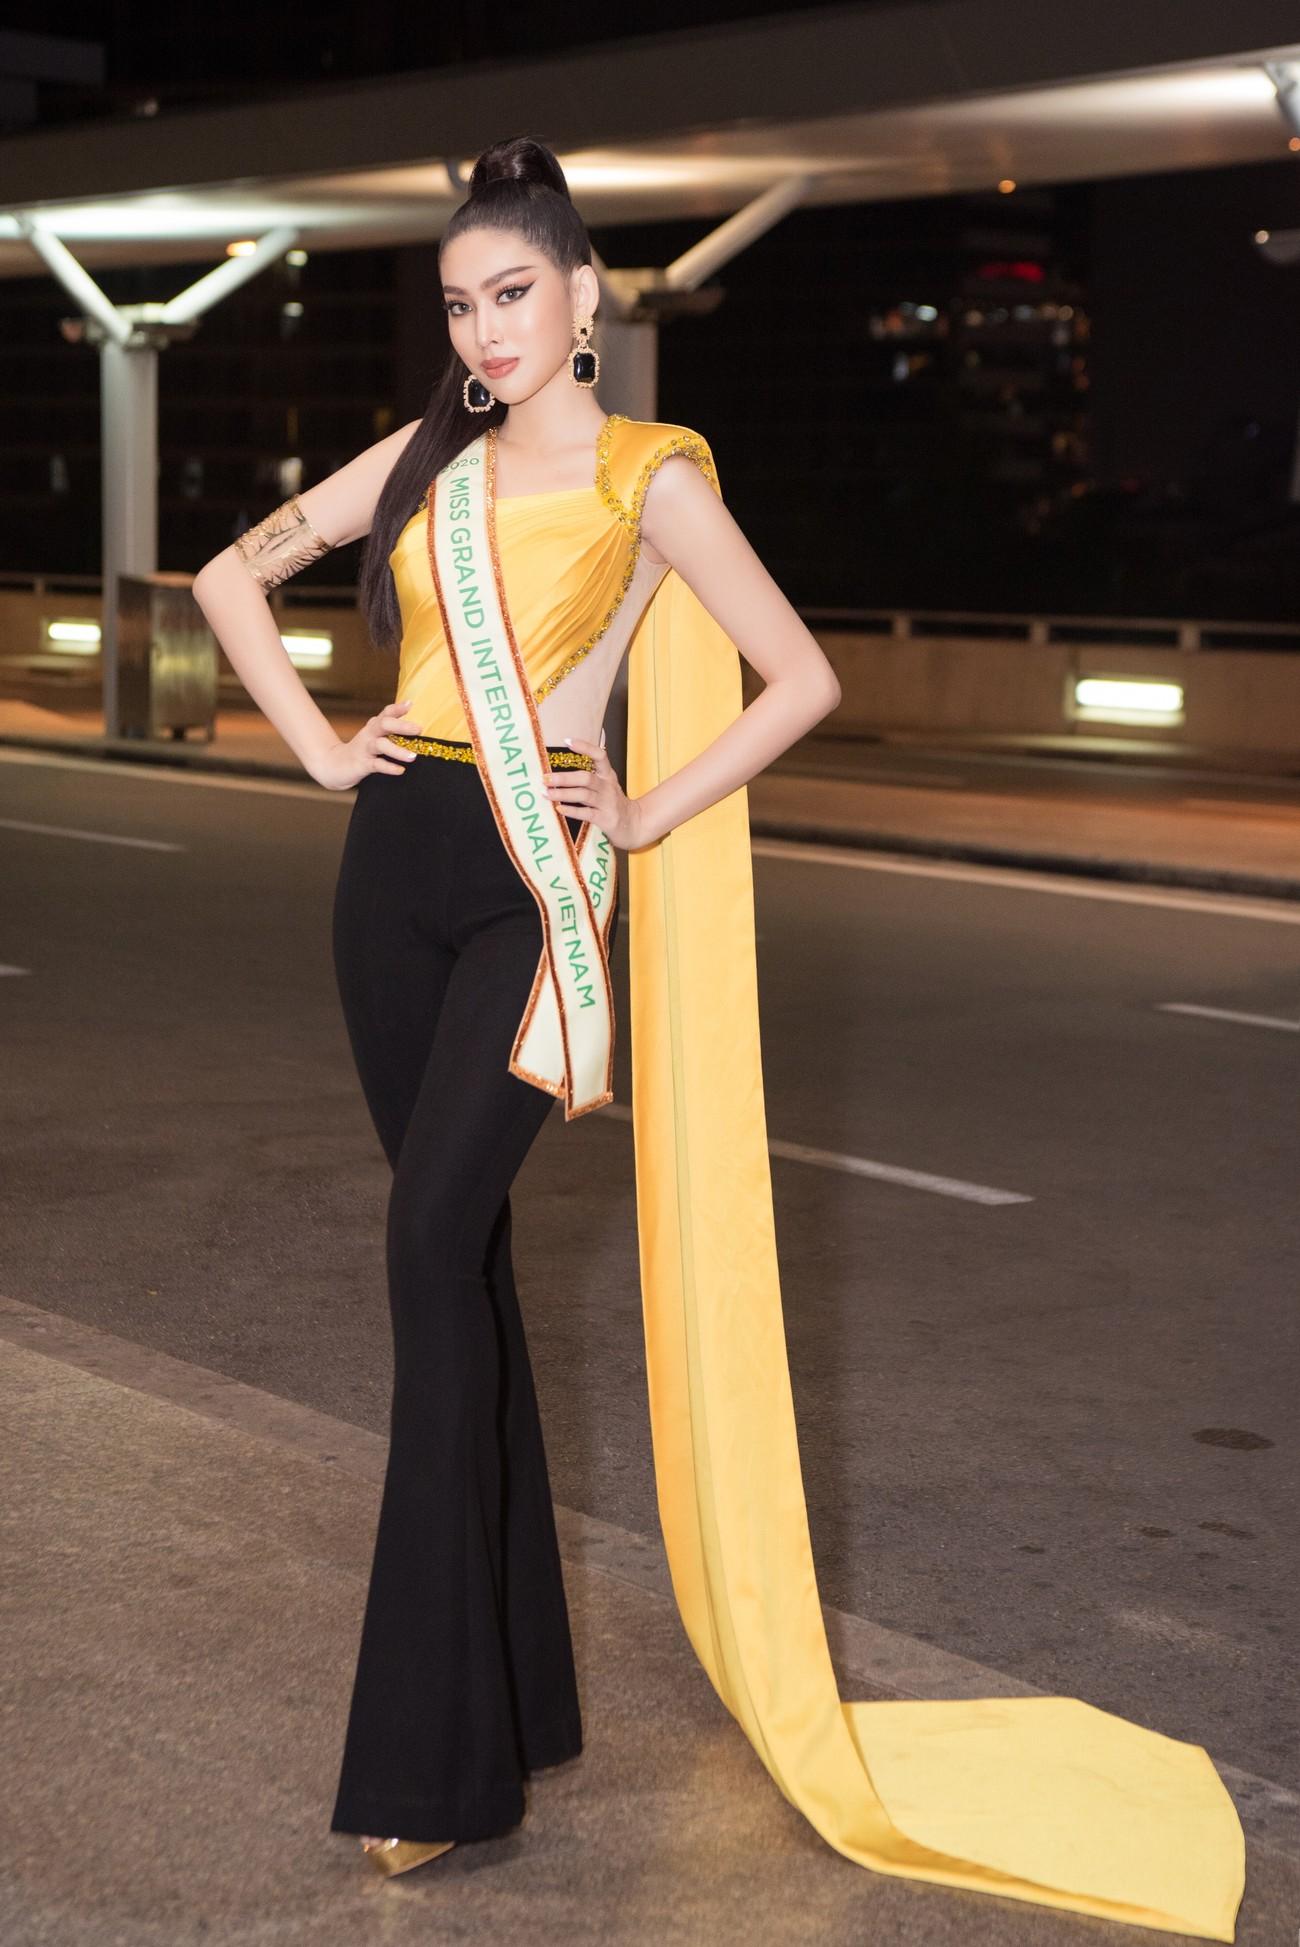 Mặc đồ bảo hộ bay sang Thái Lan thi Miss Grand, Á hậu Ngọc Thảo vẫn xinh đẹp rạng rỡ ảnh 4